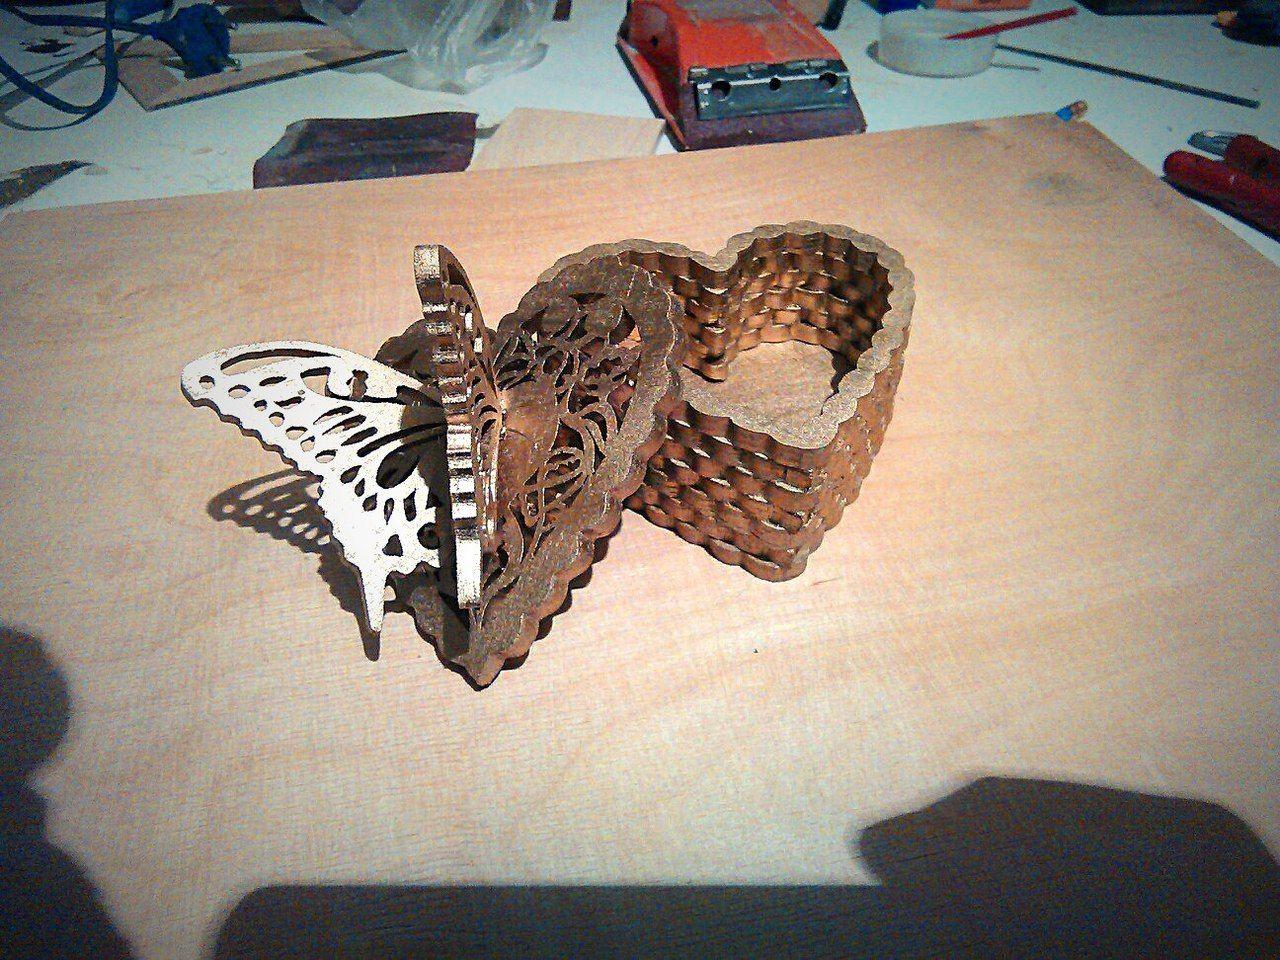 Fancy Butterfly Heart Box Free DXF File